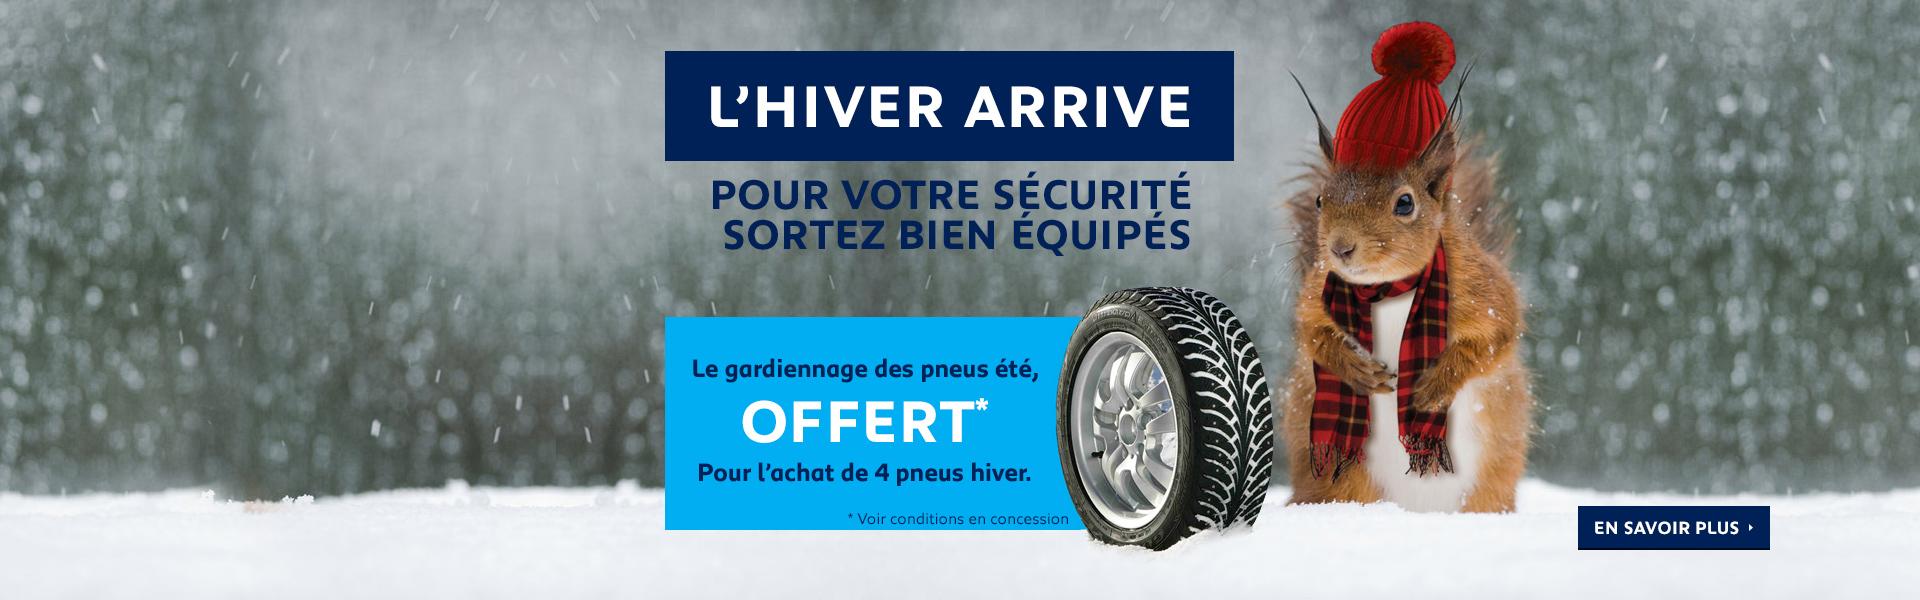 Gardiennage pneus